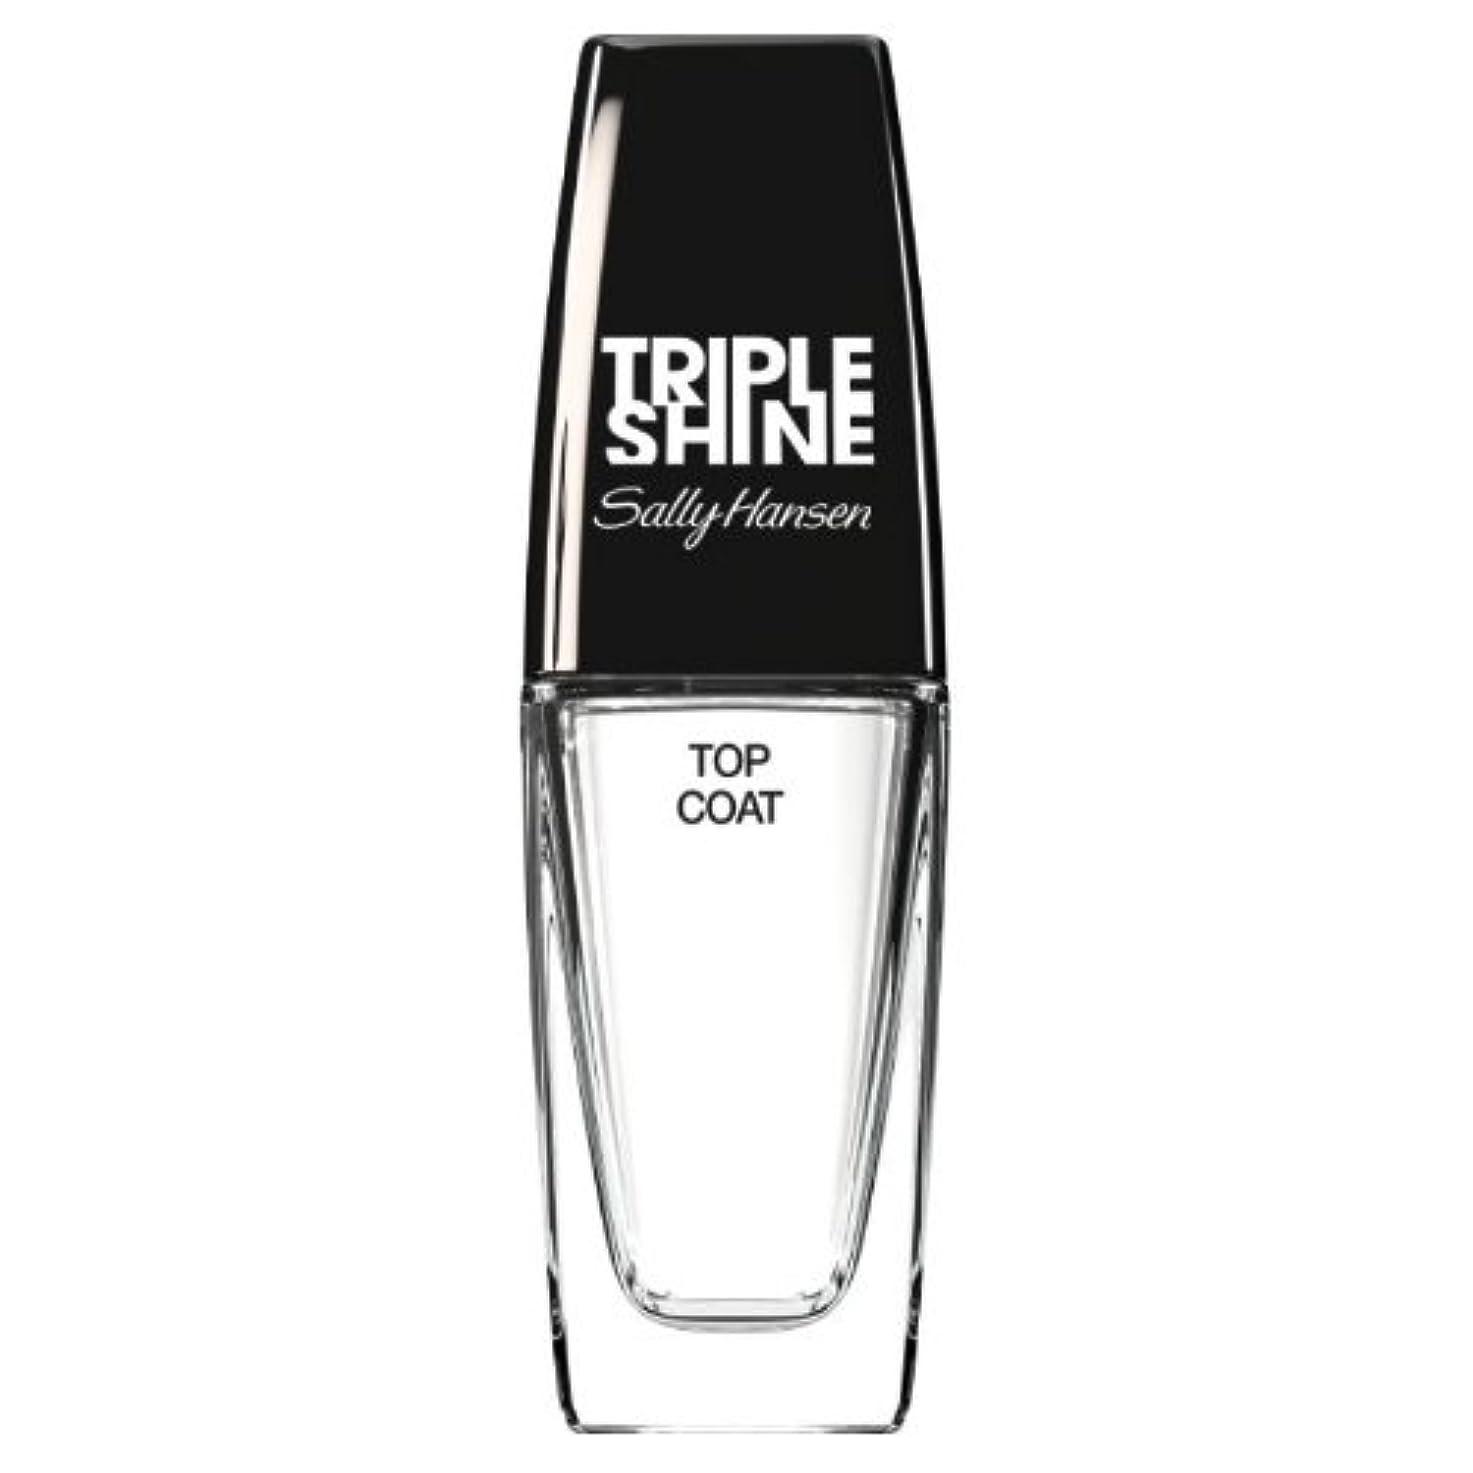 転送沈黙移行(6 Pack) SALLY HANSEN Triple Shine Top Coat - Triple Shine Top Coat (並行輸入品)